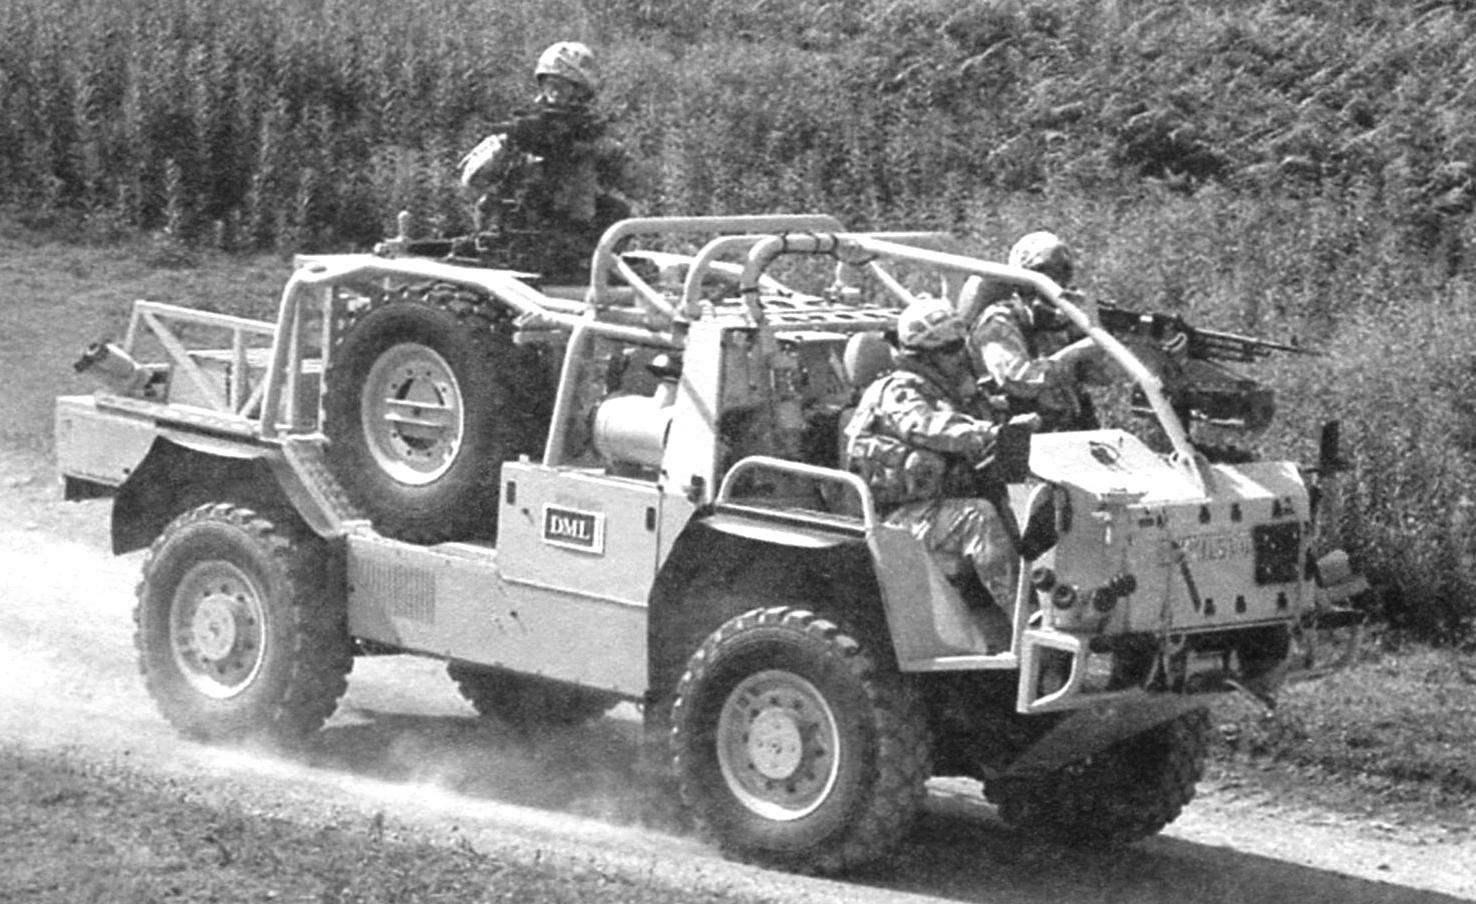 Машины «Экстенда» могут транспортироваться по воздуху военно-транспортным вертолётом CH-47 Chinook («Чинук»)